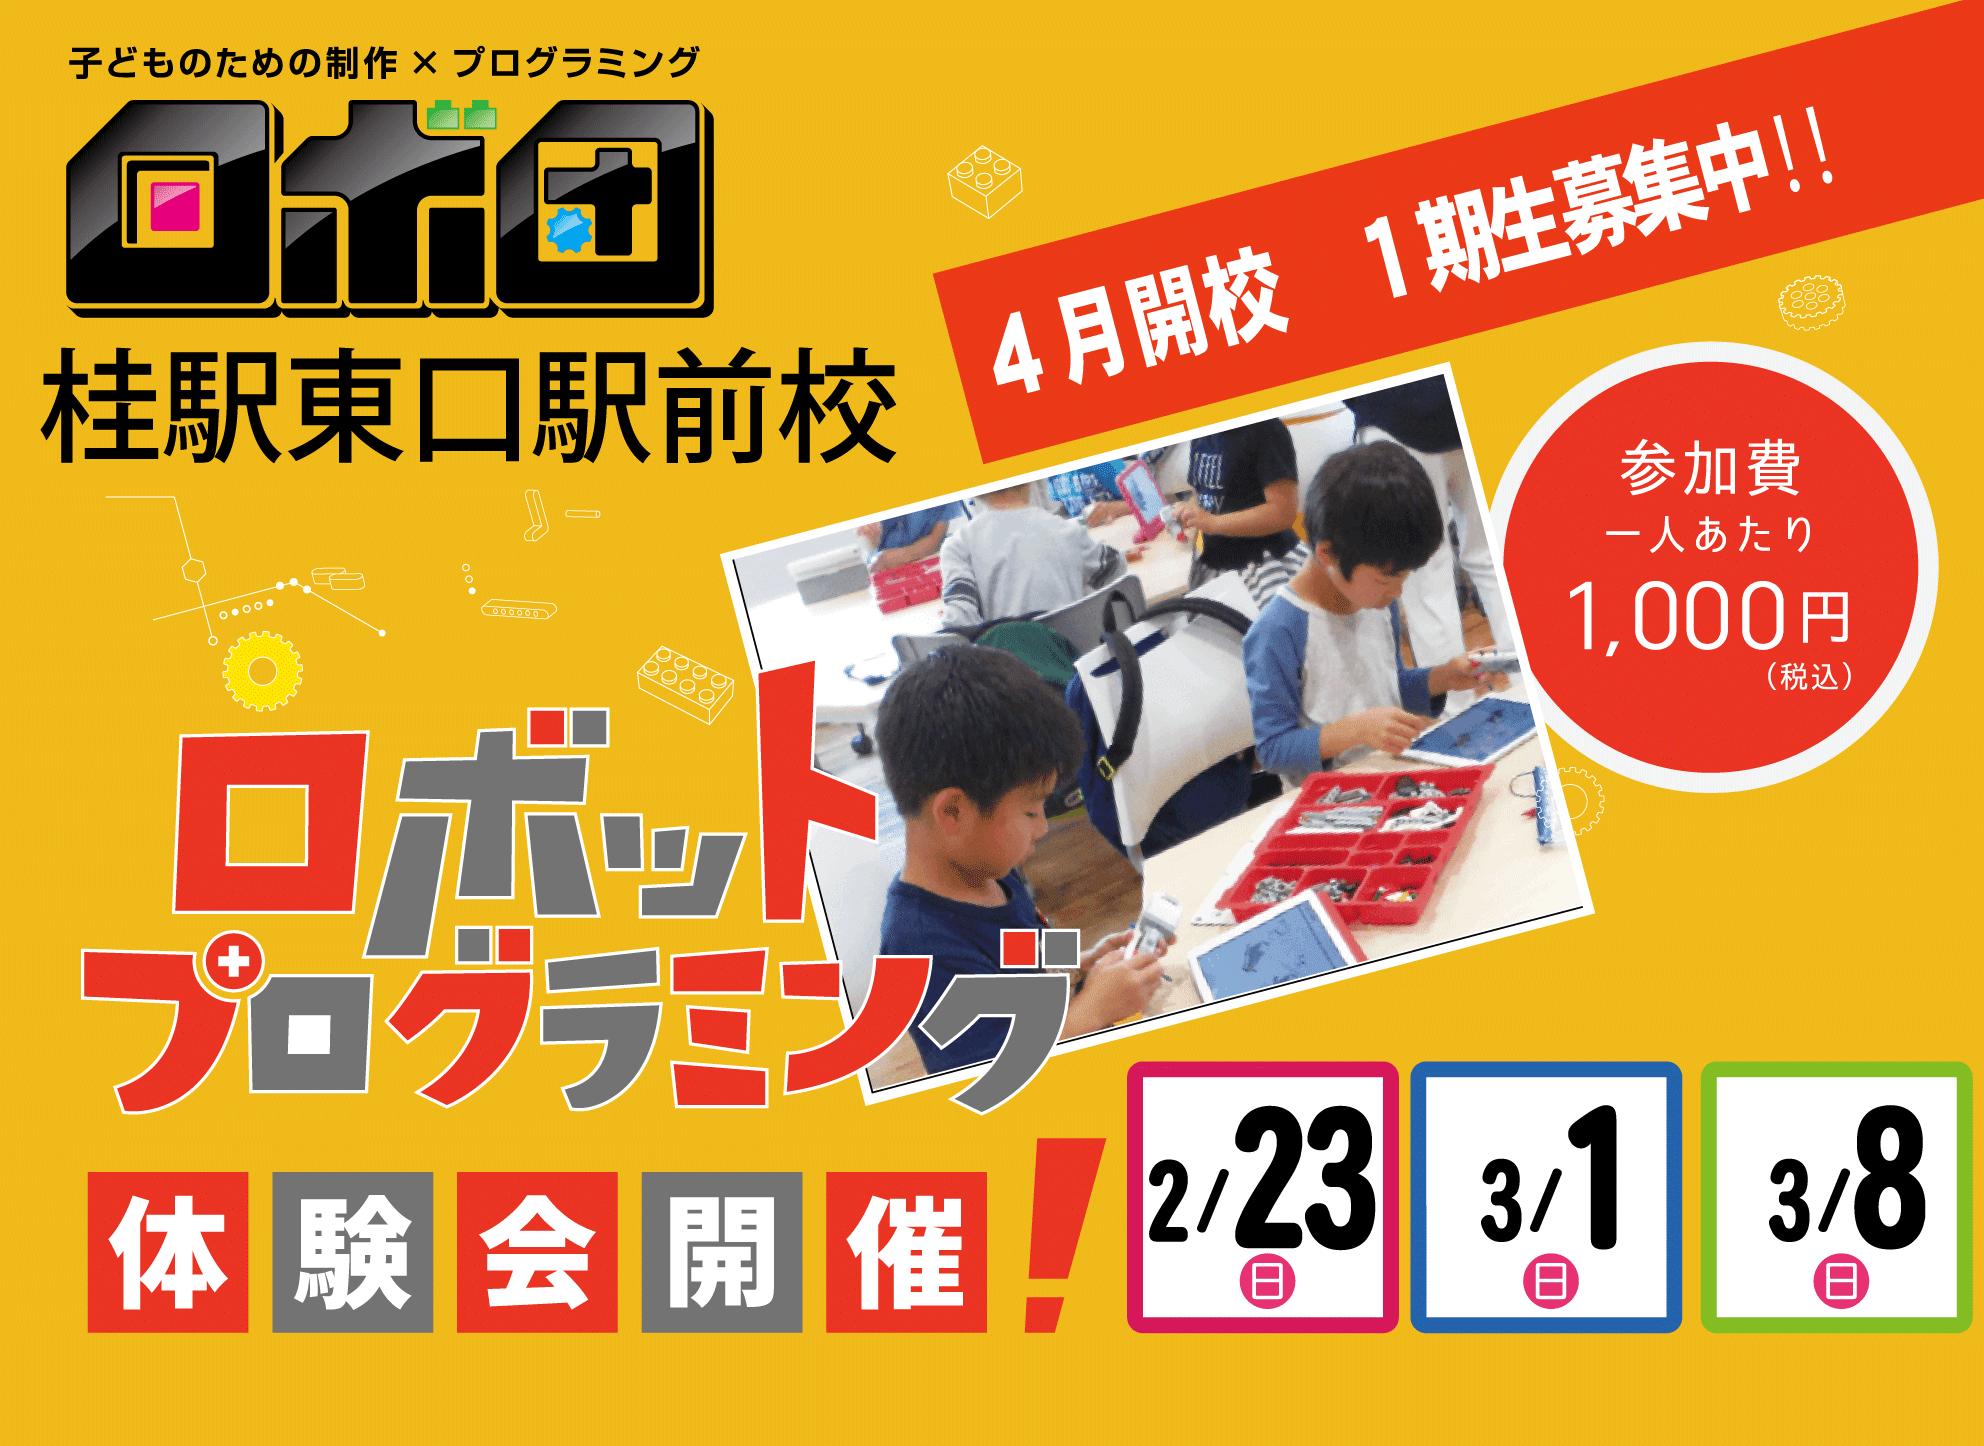 桂_ロボットプログラミング_体験会